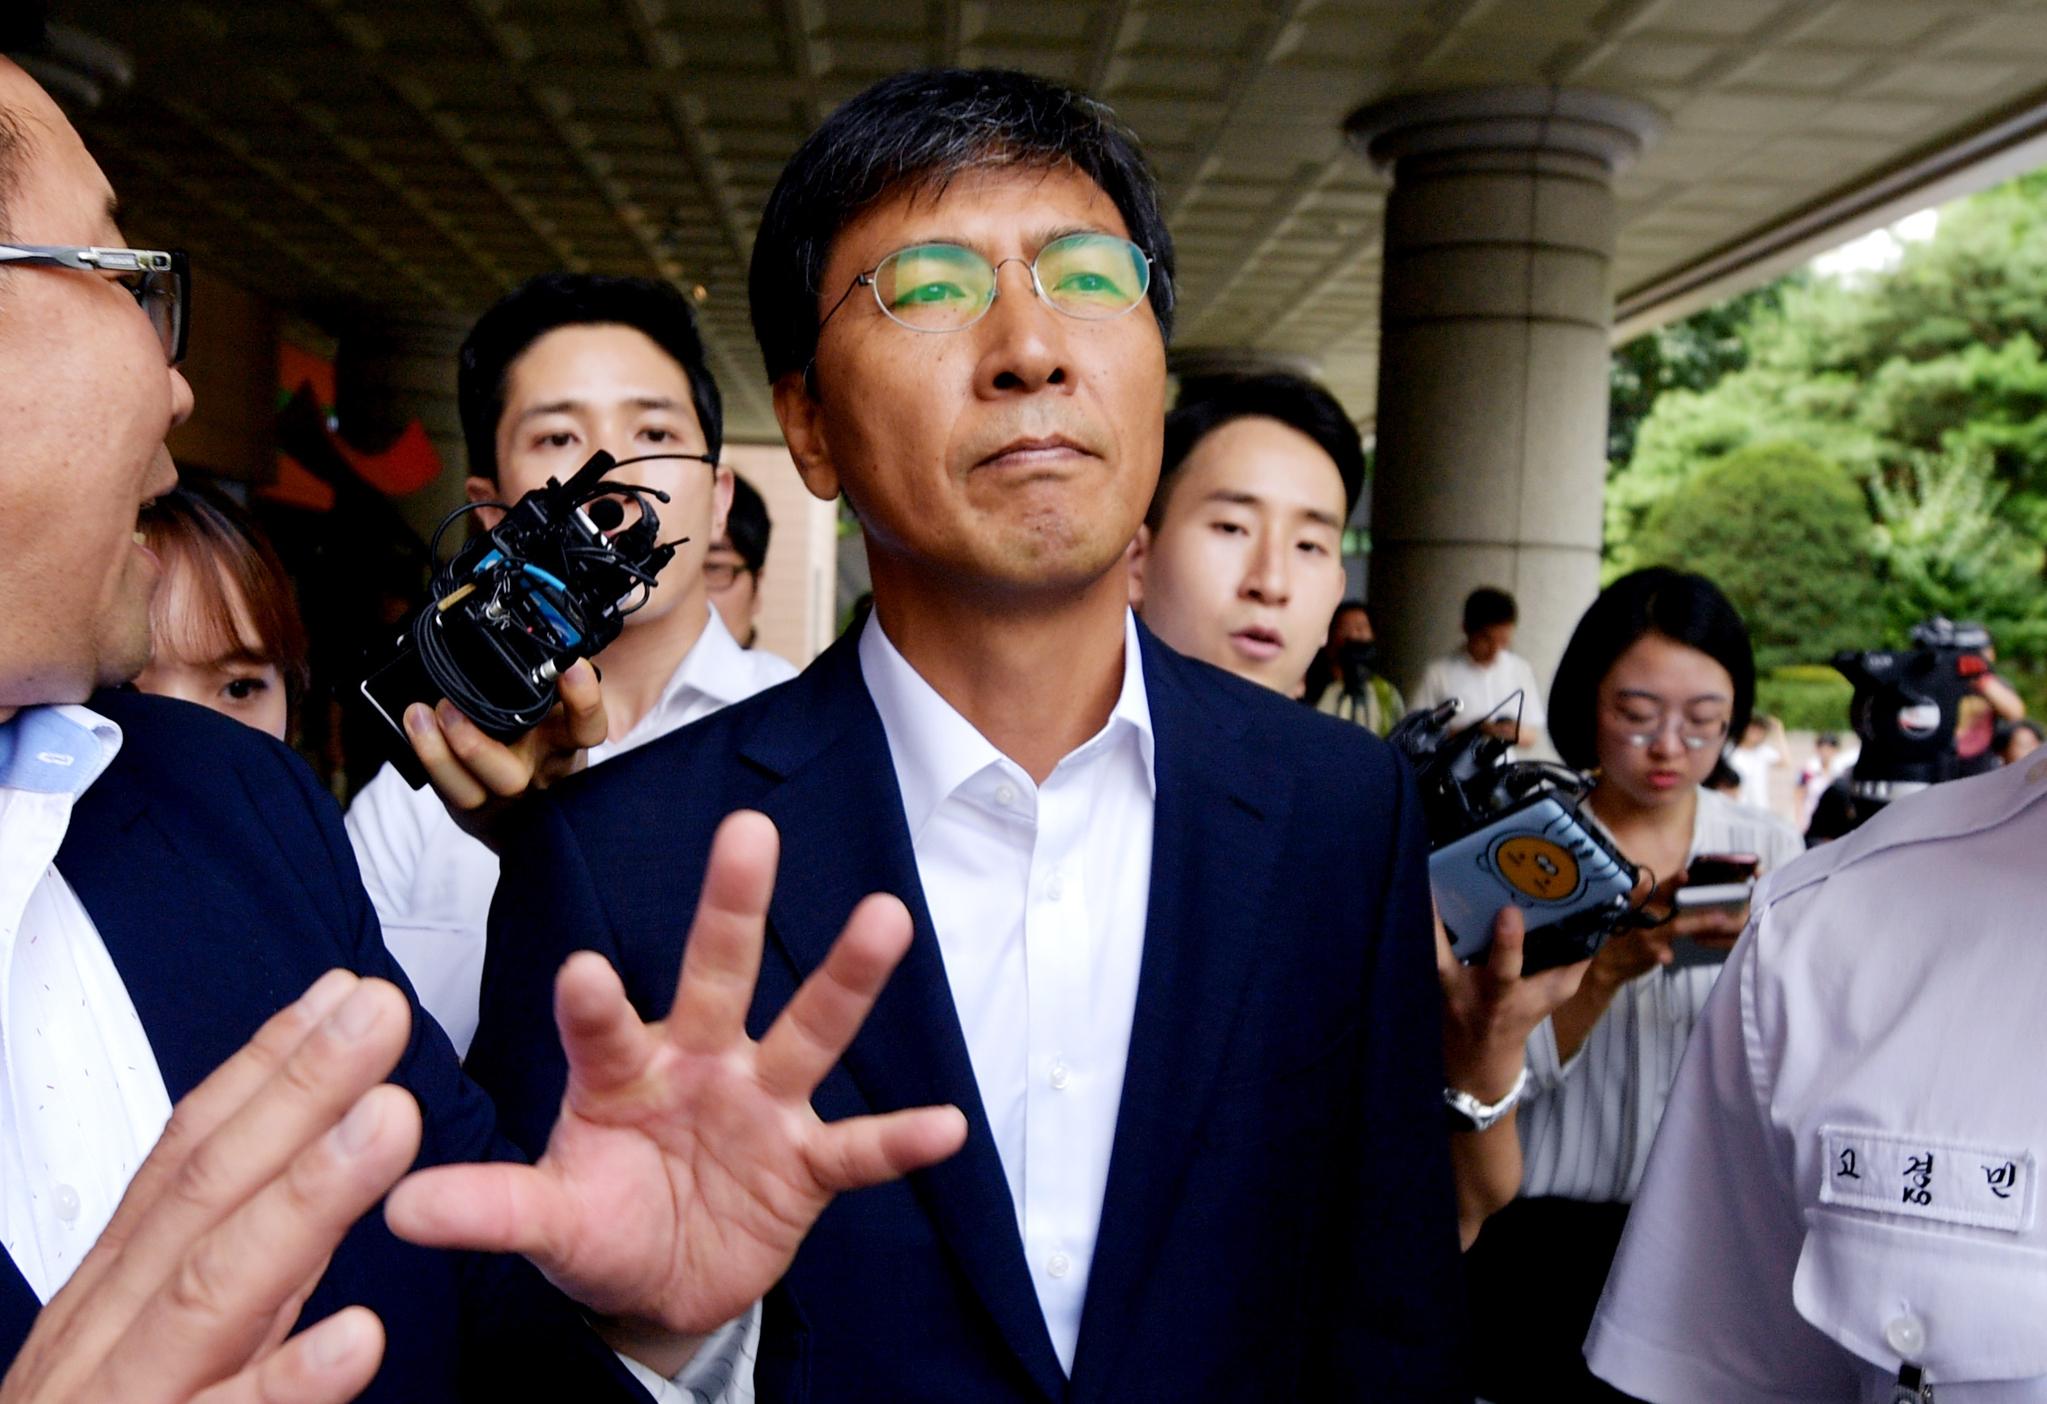 비서를 성폭행한 혐의를 받고 있는 안희정 전 충남지사가 14일 오전 서울 마포구 서부지방법원에서 열린 1심 선고 공판에서 무죄를 선고 받은뒤 법원을 나서고 있다. [뉴스1]